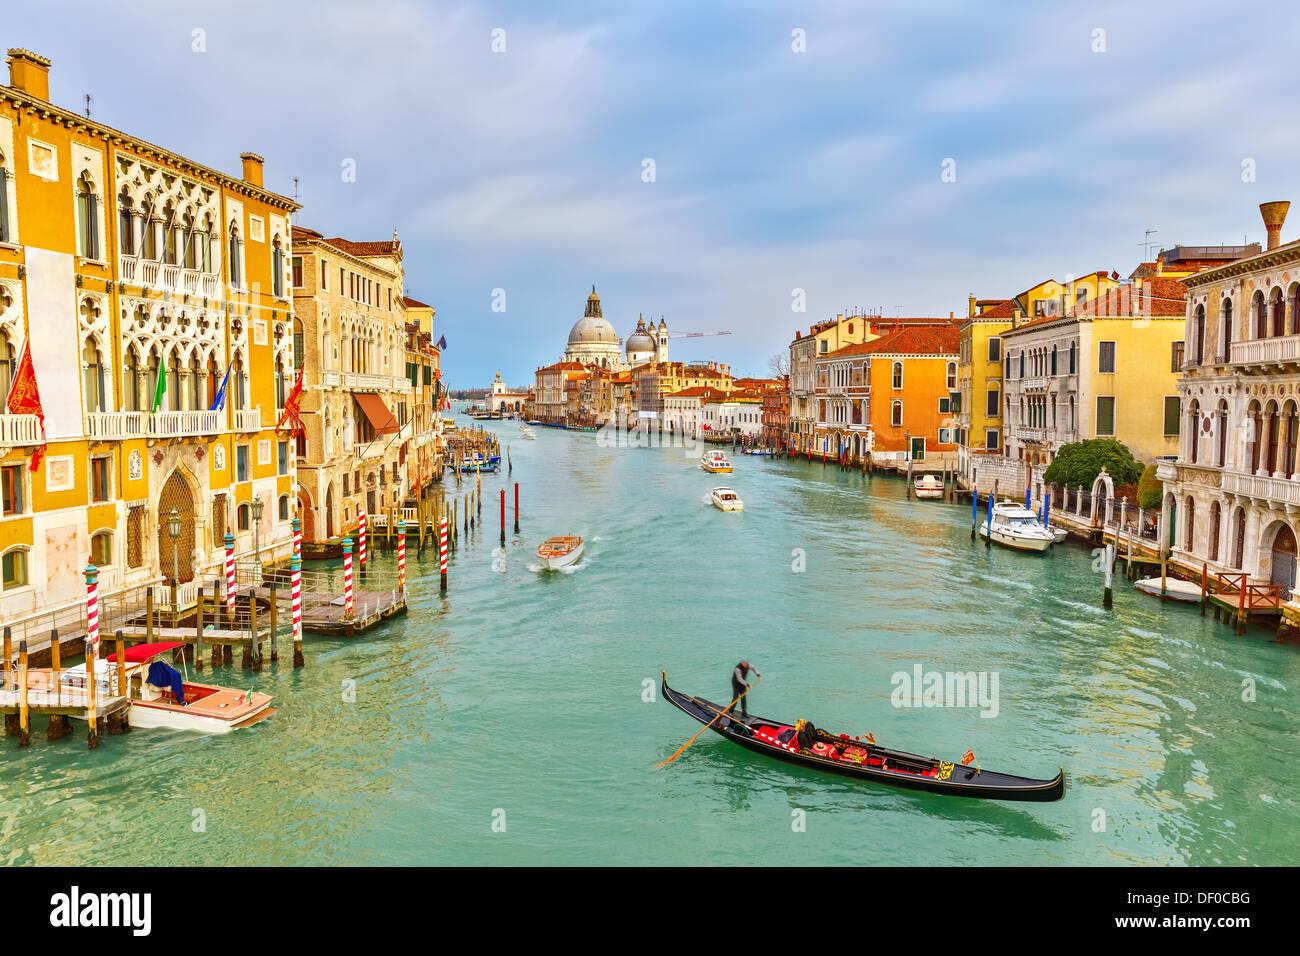 Gondola on Grand Canal - Stock Image